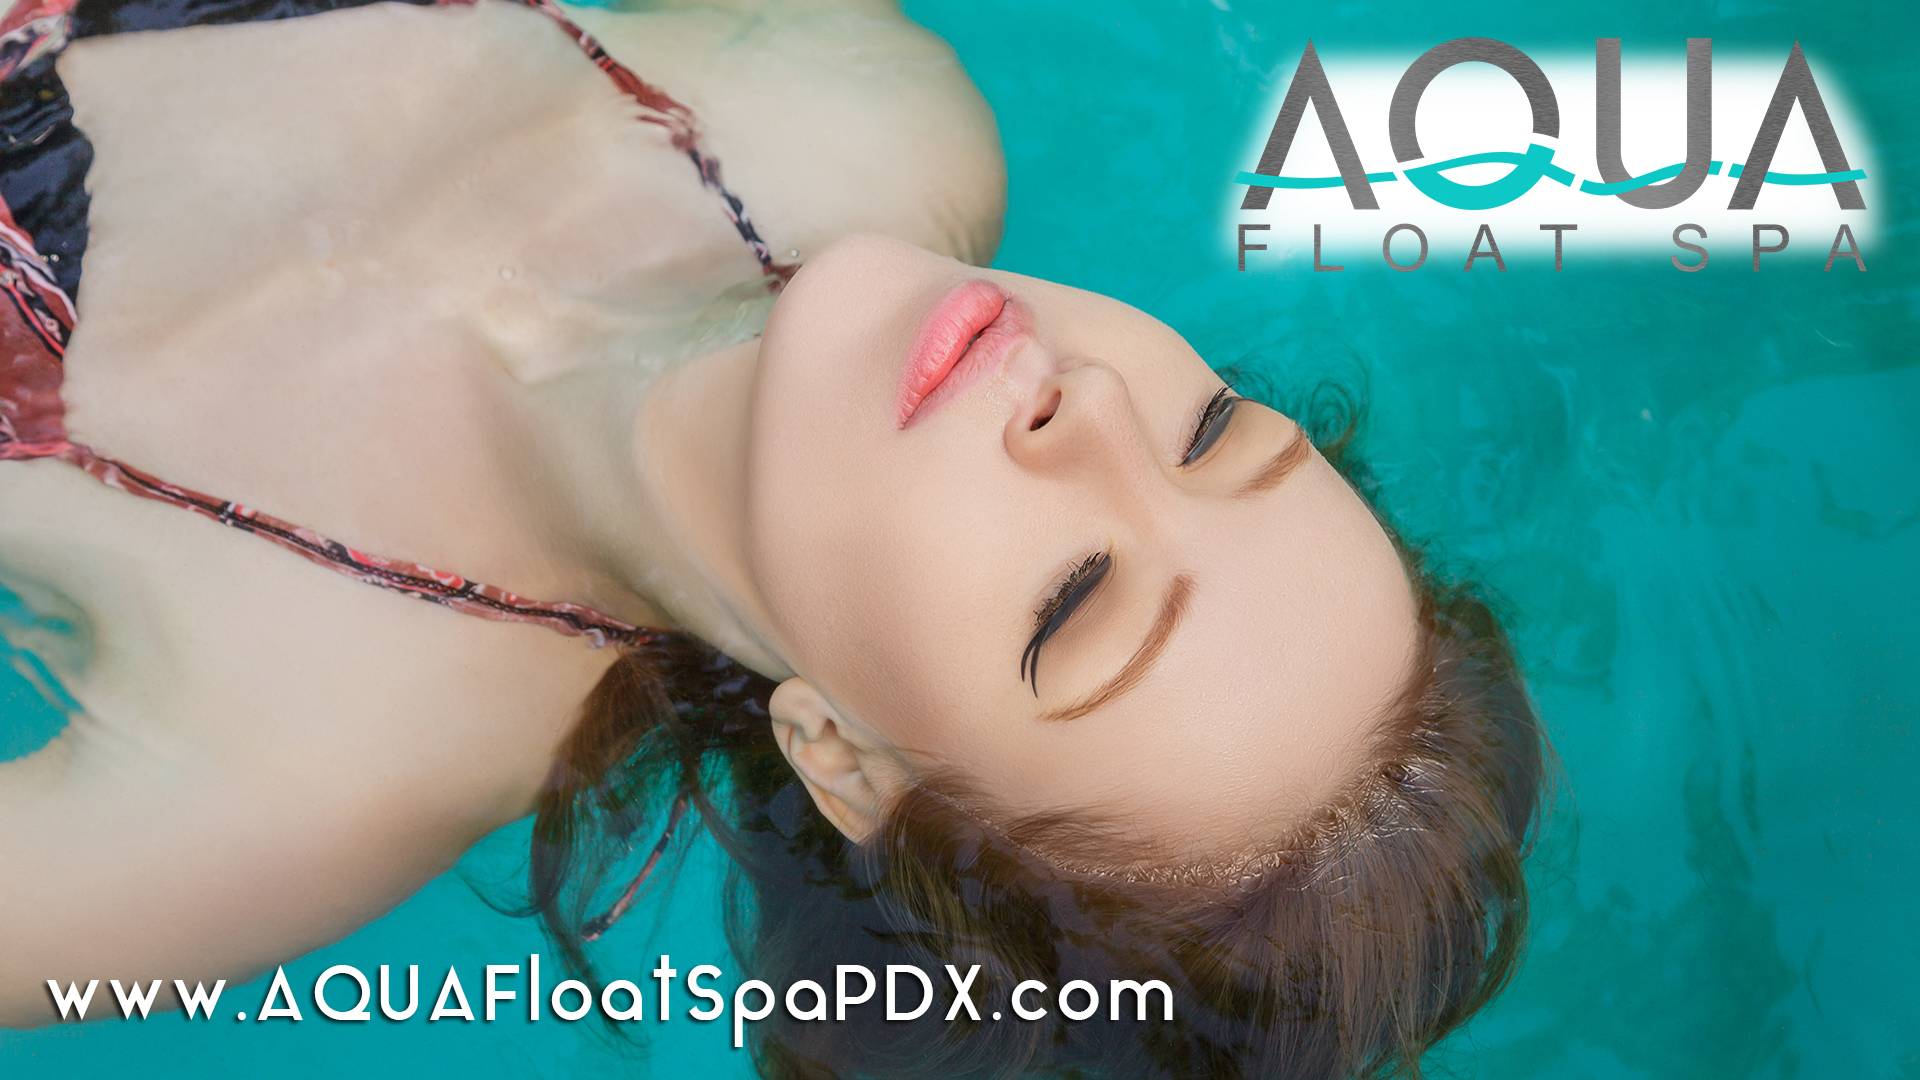 AQUA Float Spa